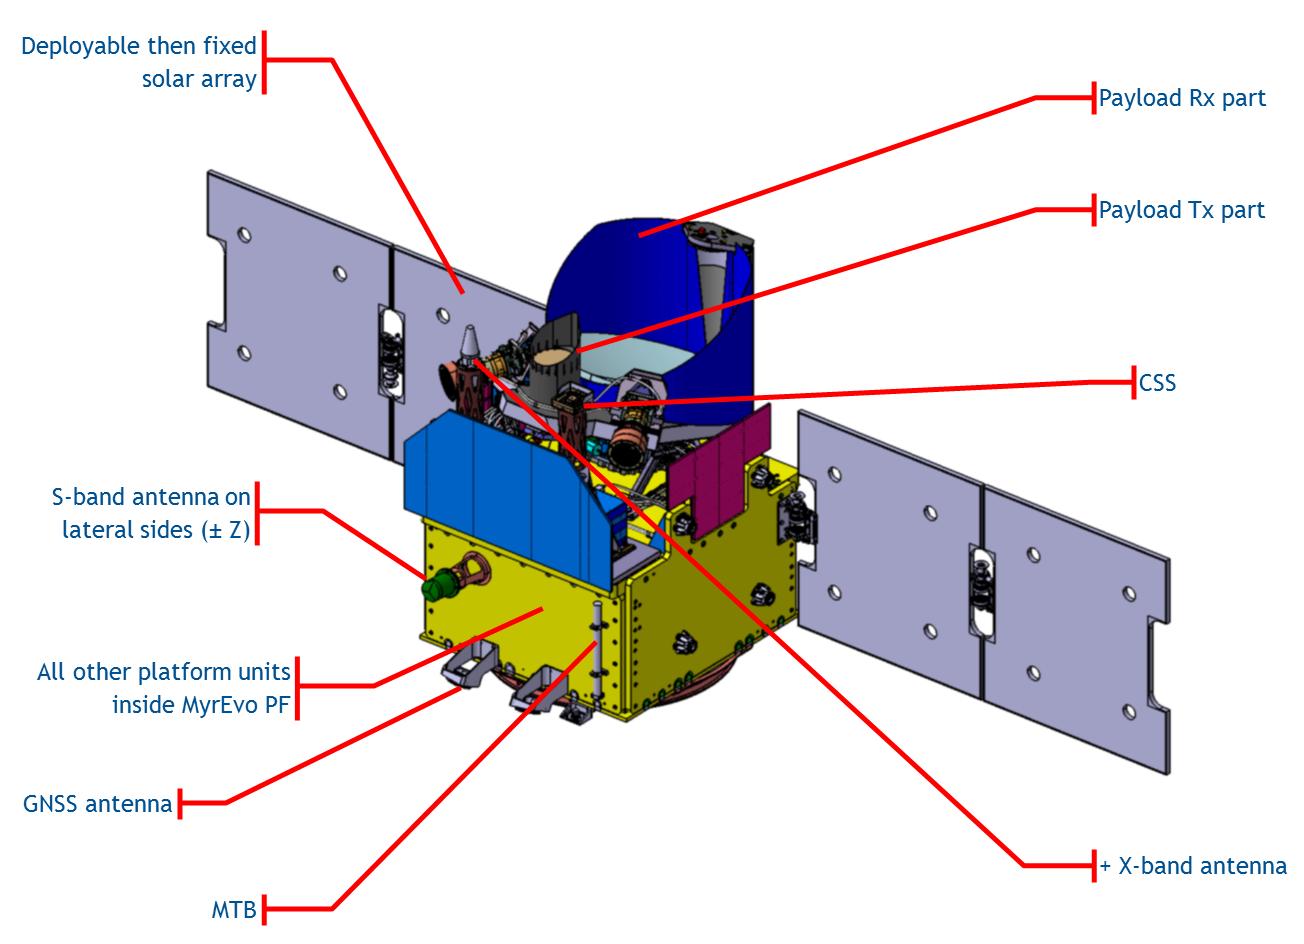 bpc_merlin-satellite-en.png